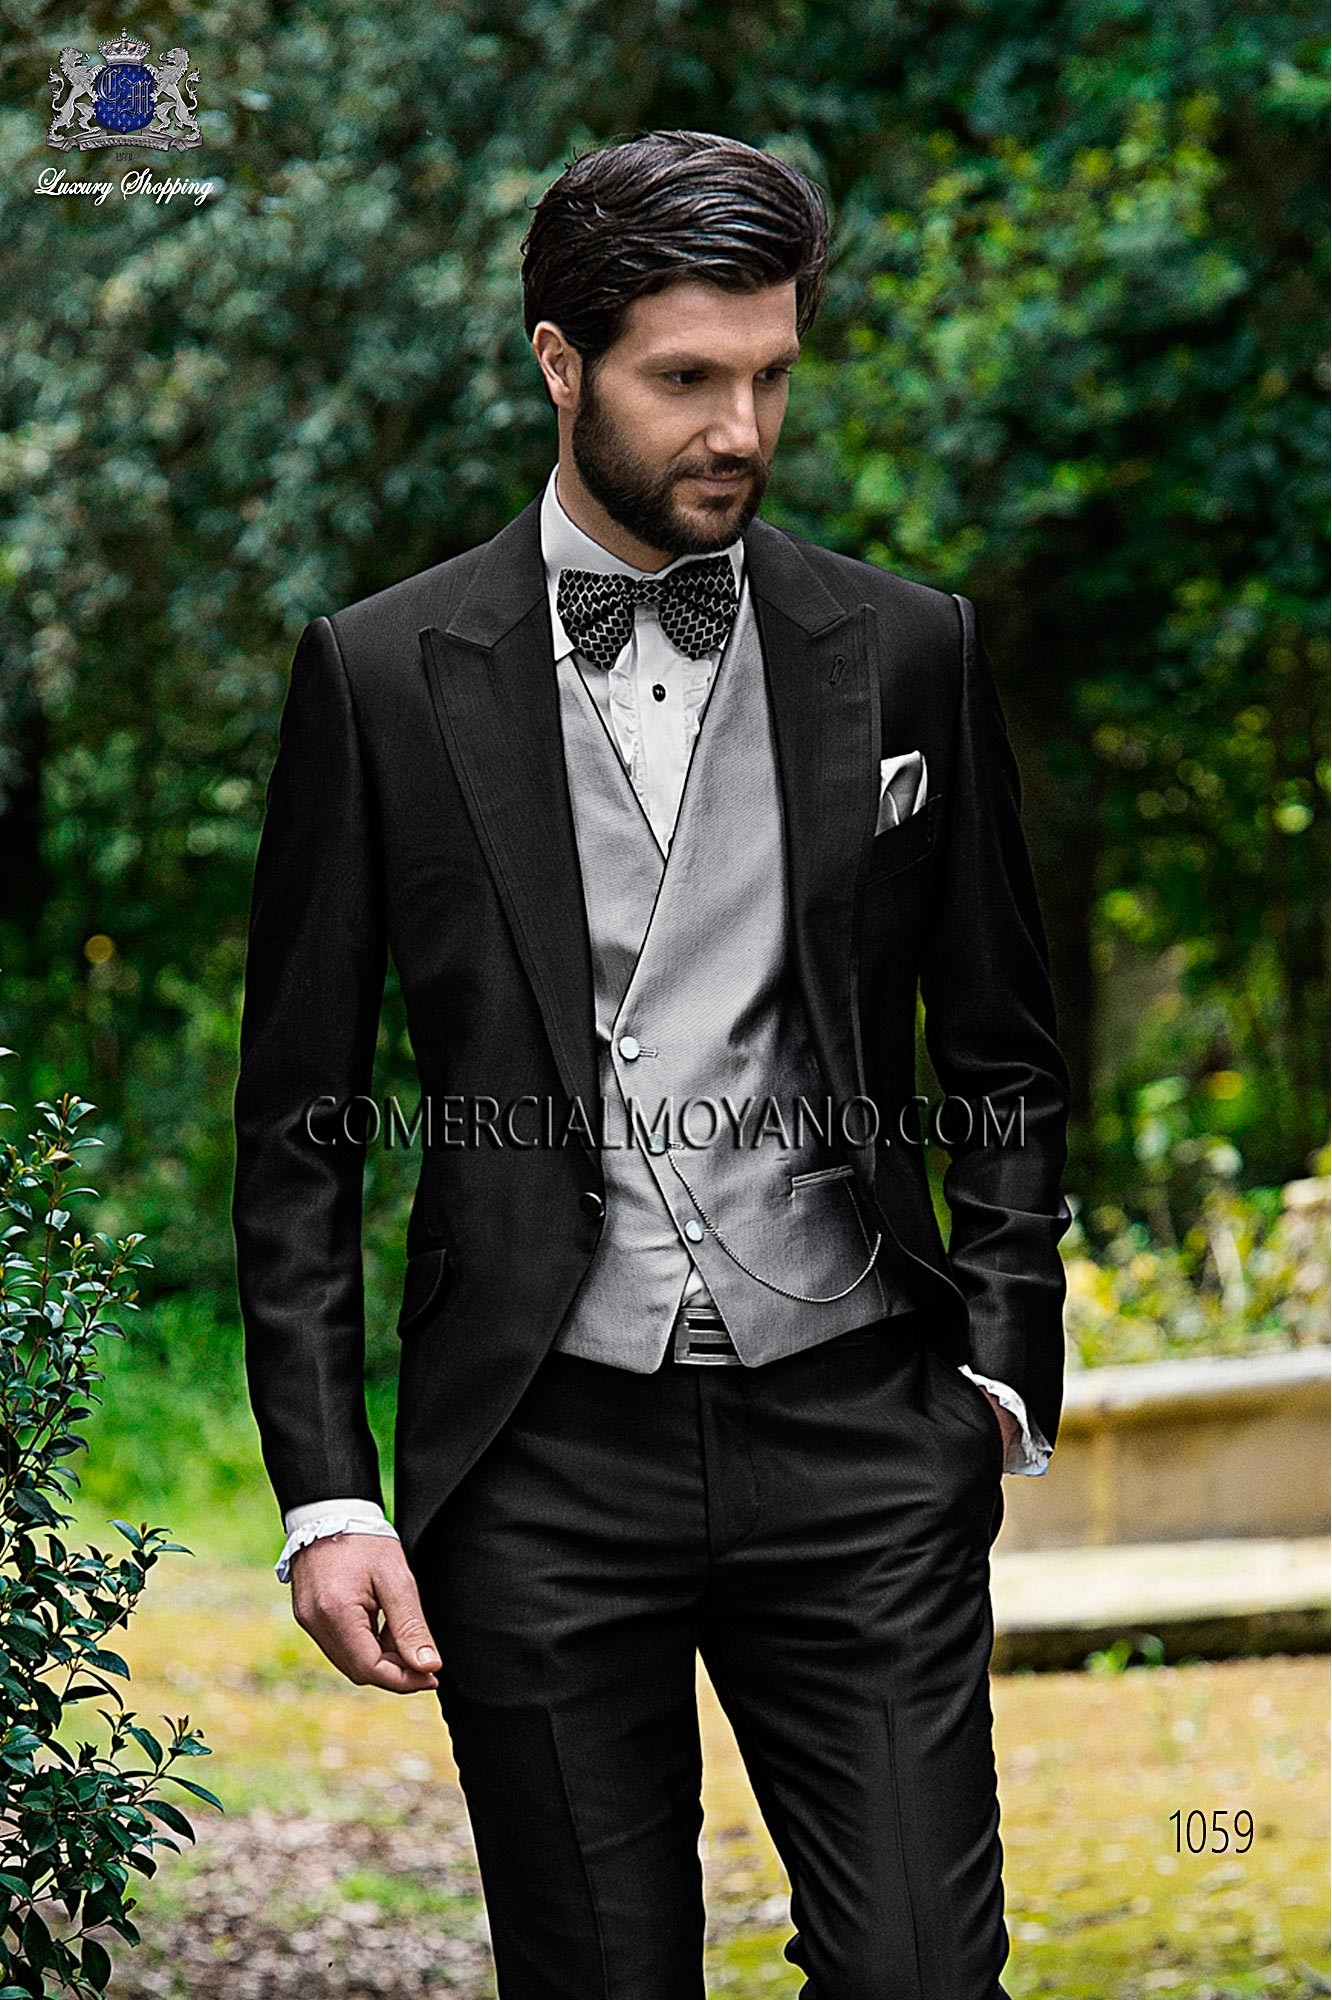 Traje Fashion de novio negro modelo: 1059 Ottavio Nuccio Gala colección Fashion